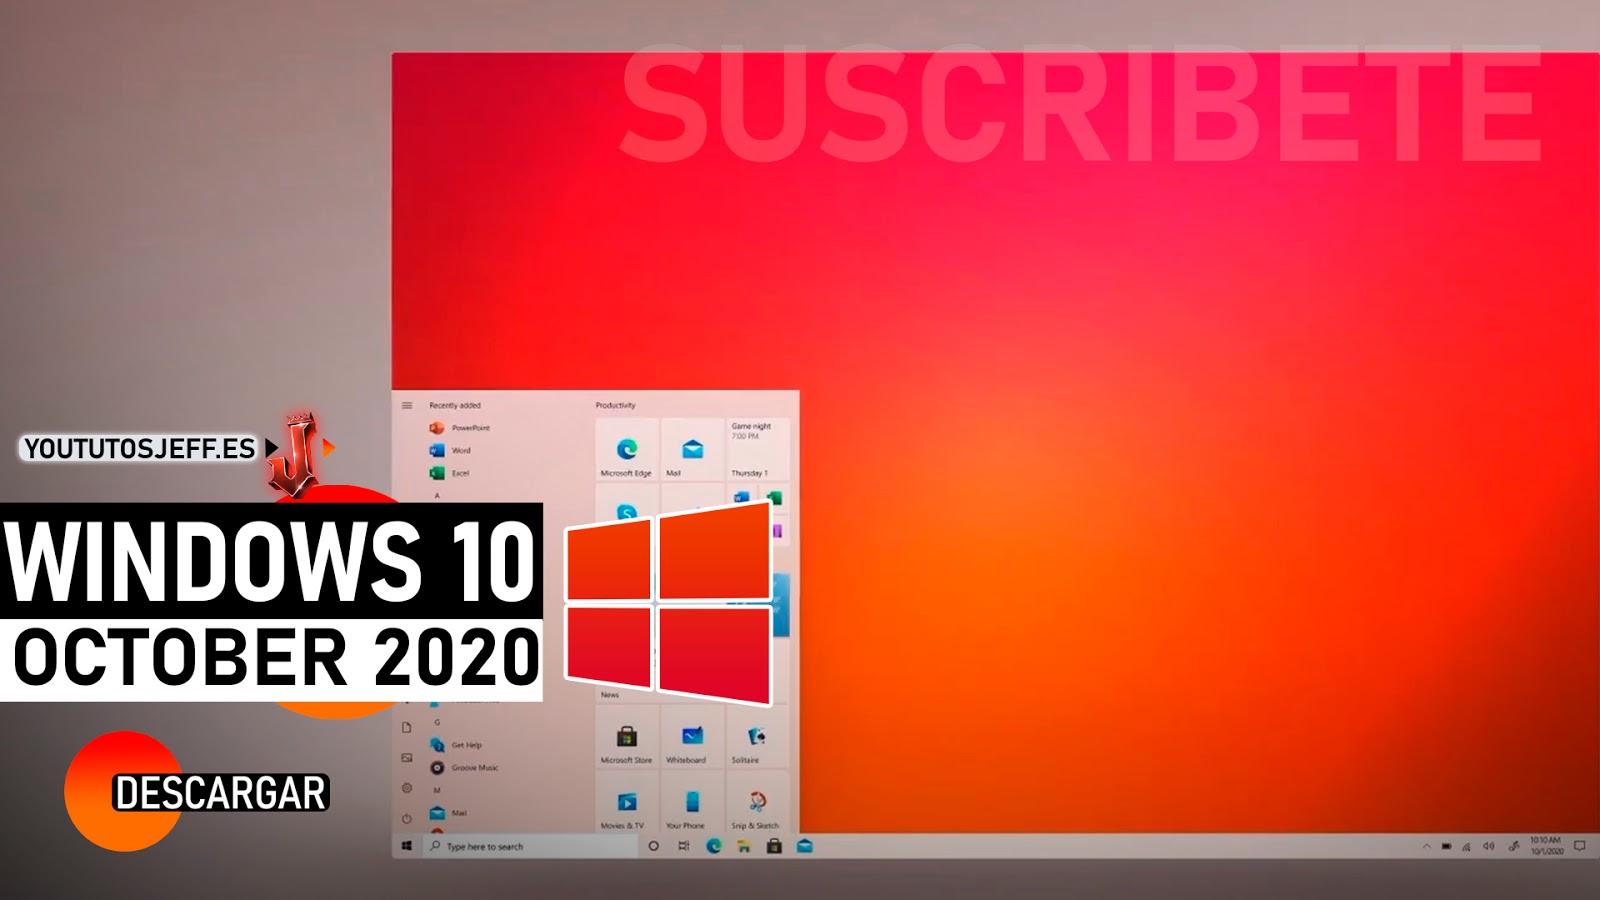 Descargar Windows 10 October 2020 Ultima Versión Español